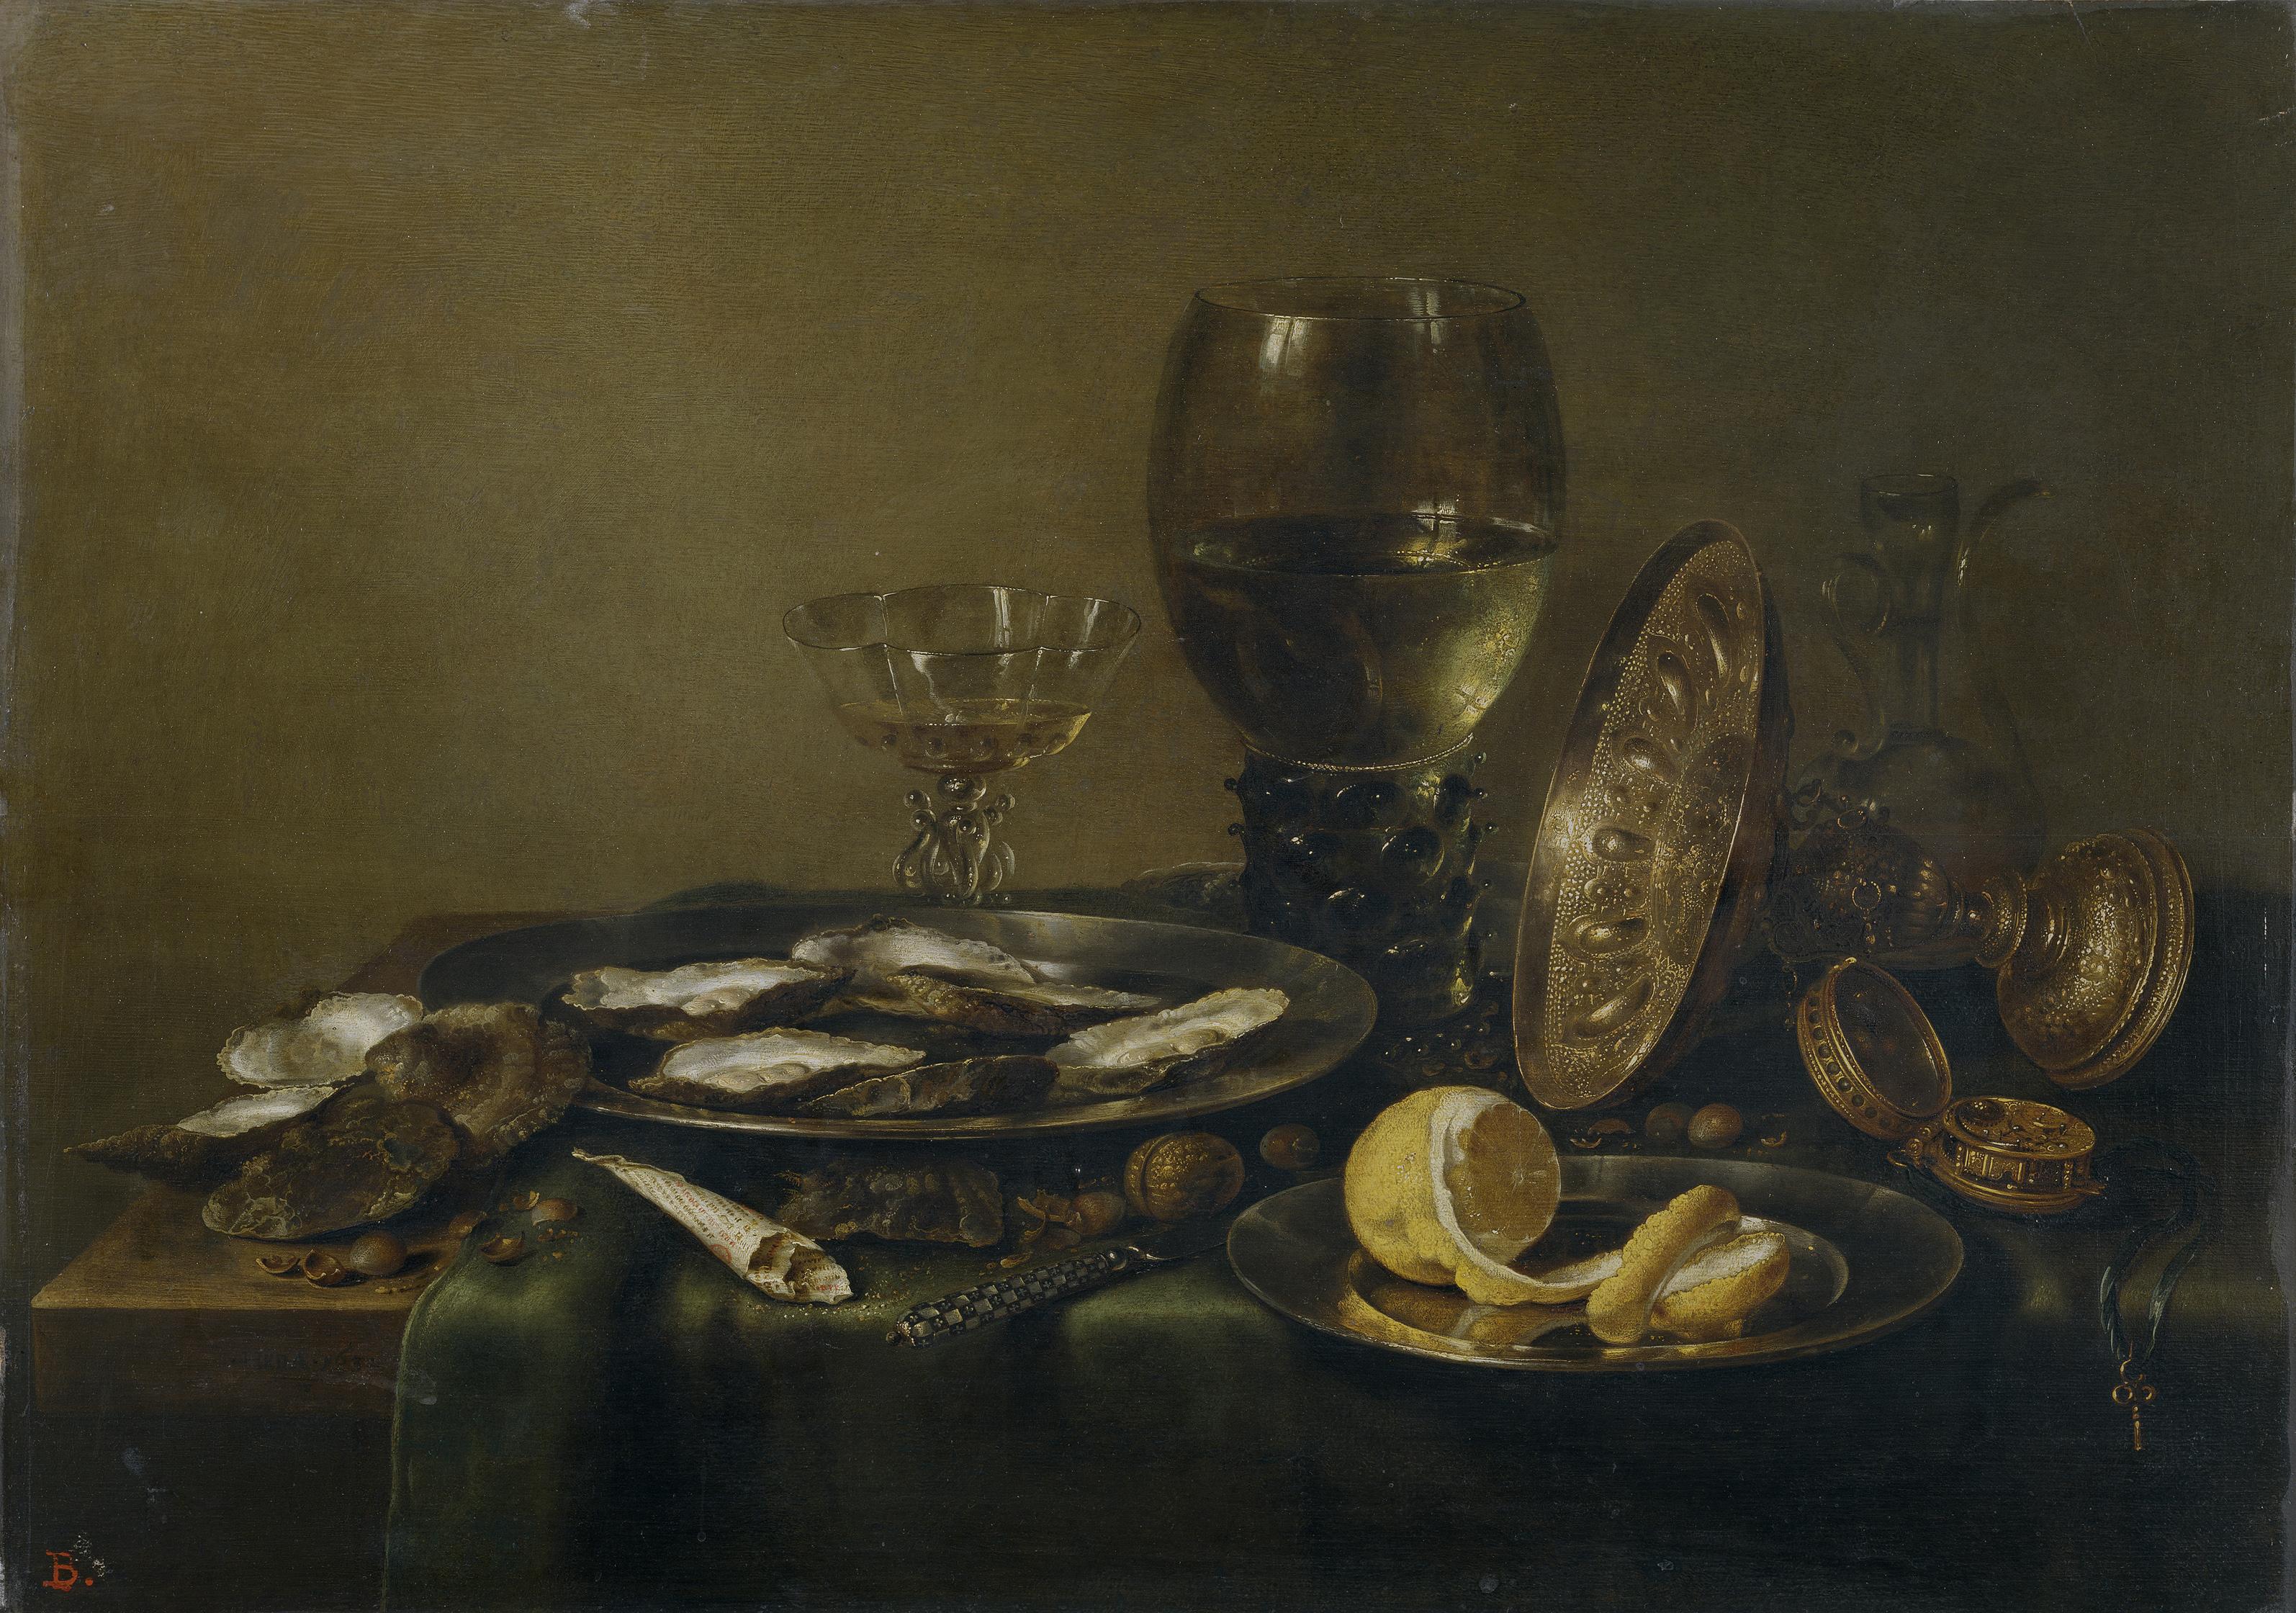 Heda - Stillleben - 1632.jpeg